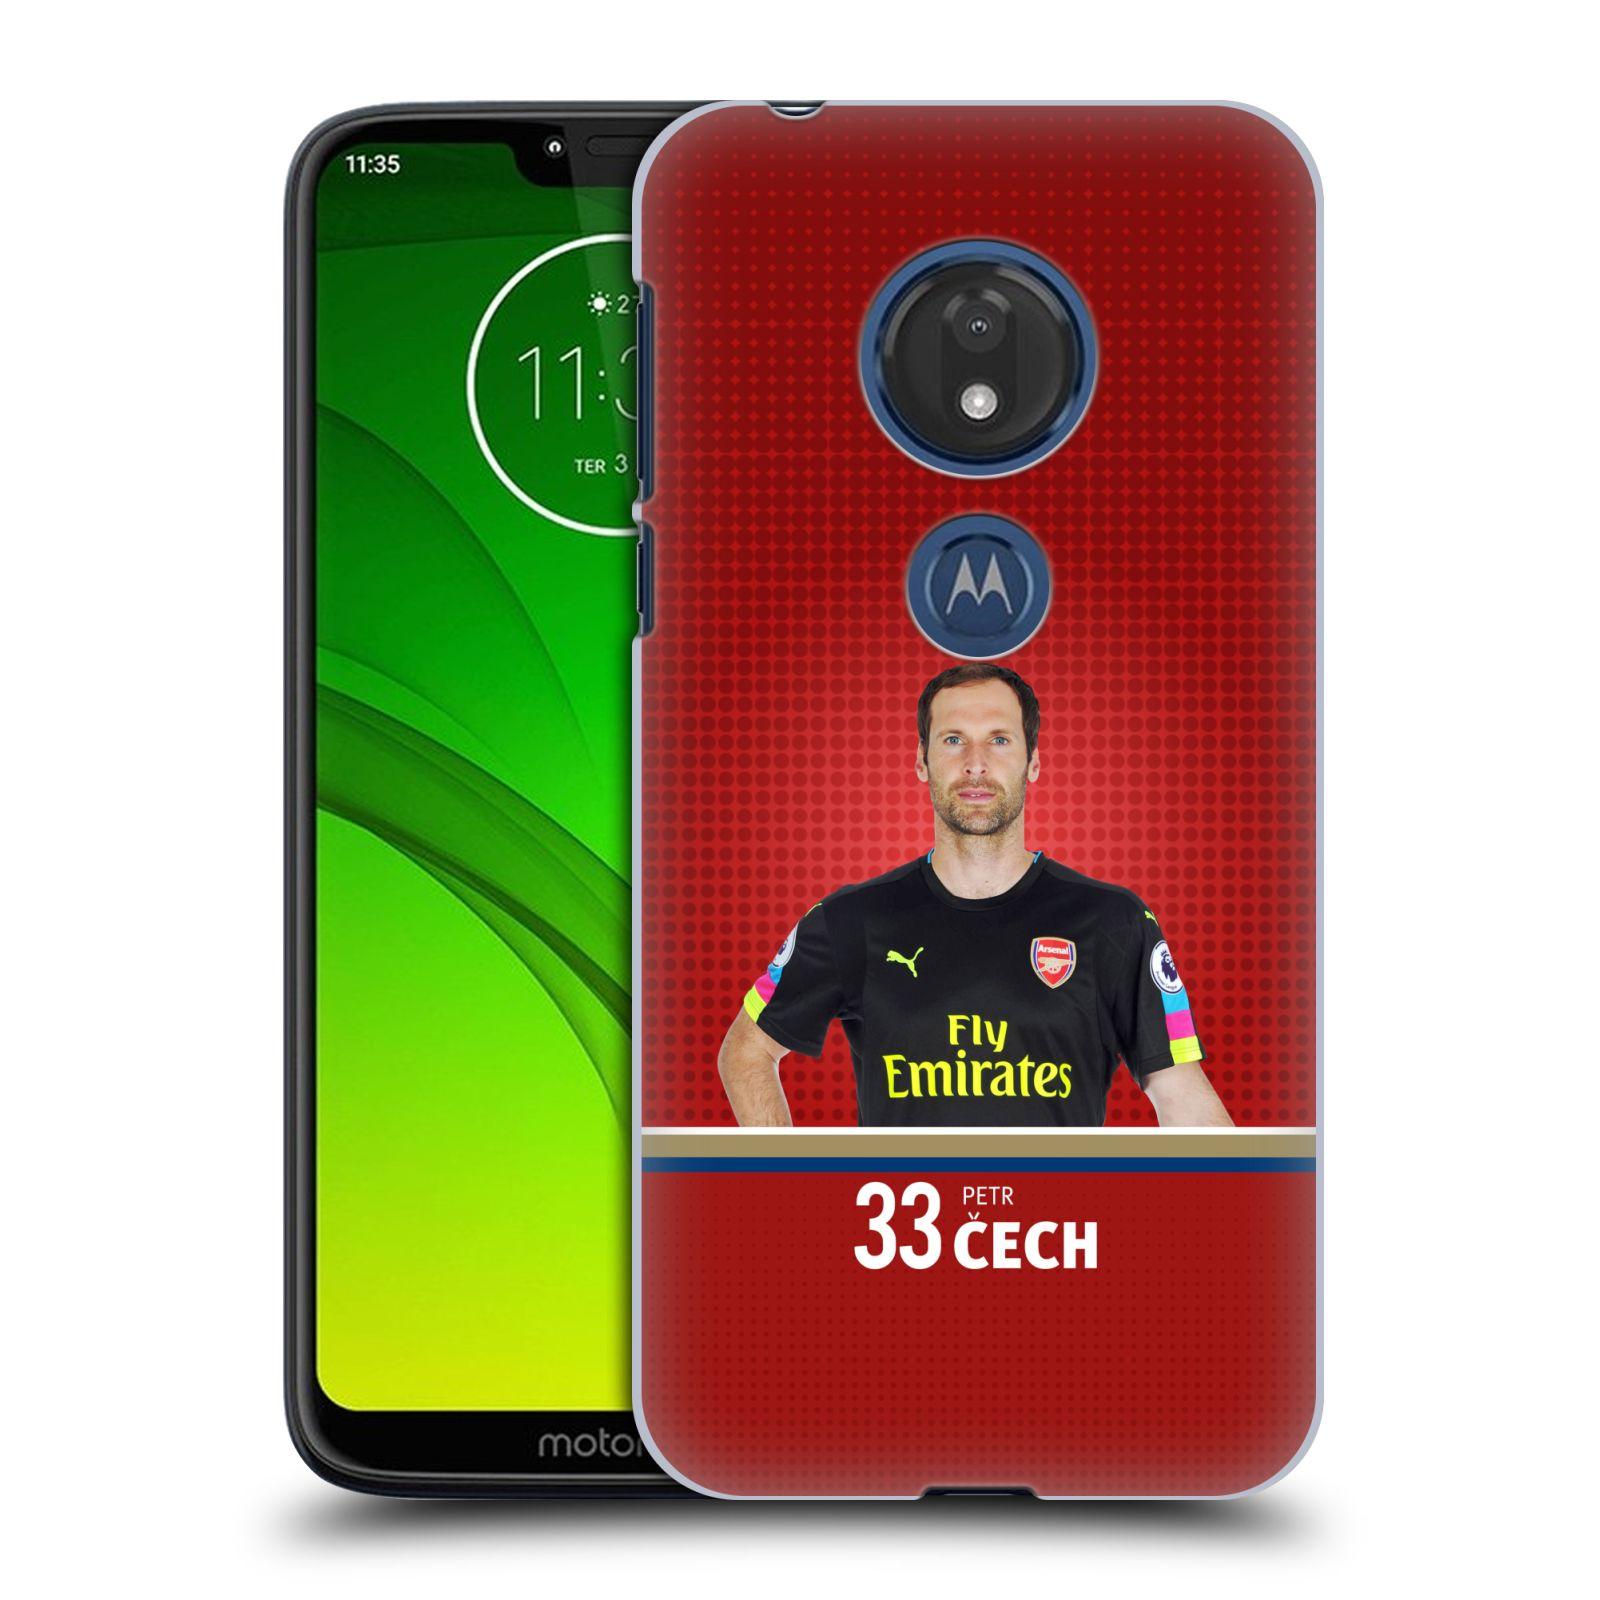 Plastové pouzdro na mobil Motorola Moto G7 Play - Head Case - Arsenal FC - Petr Čech